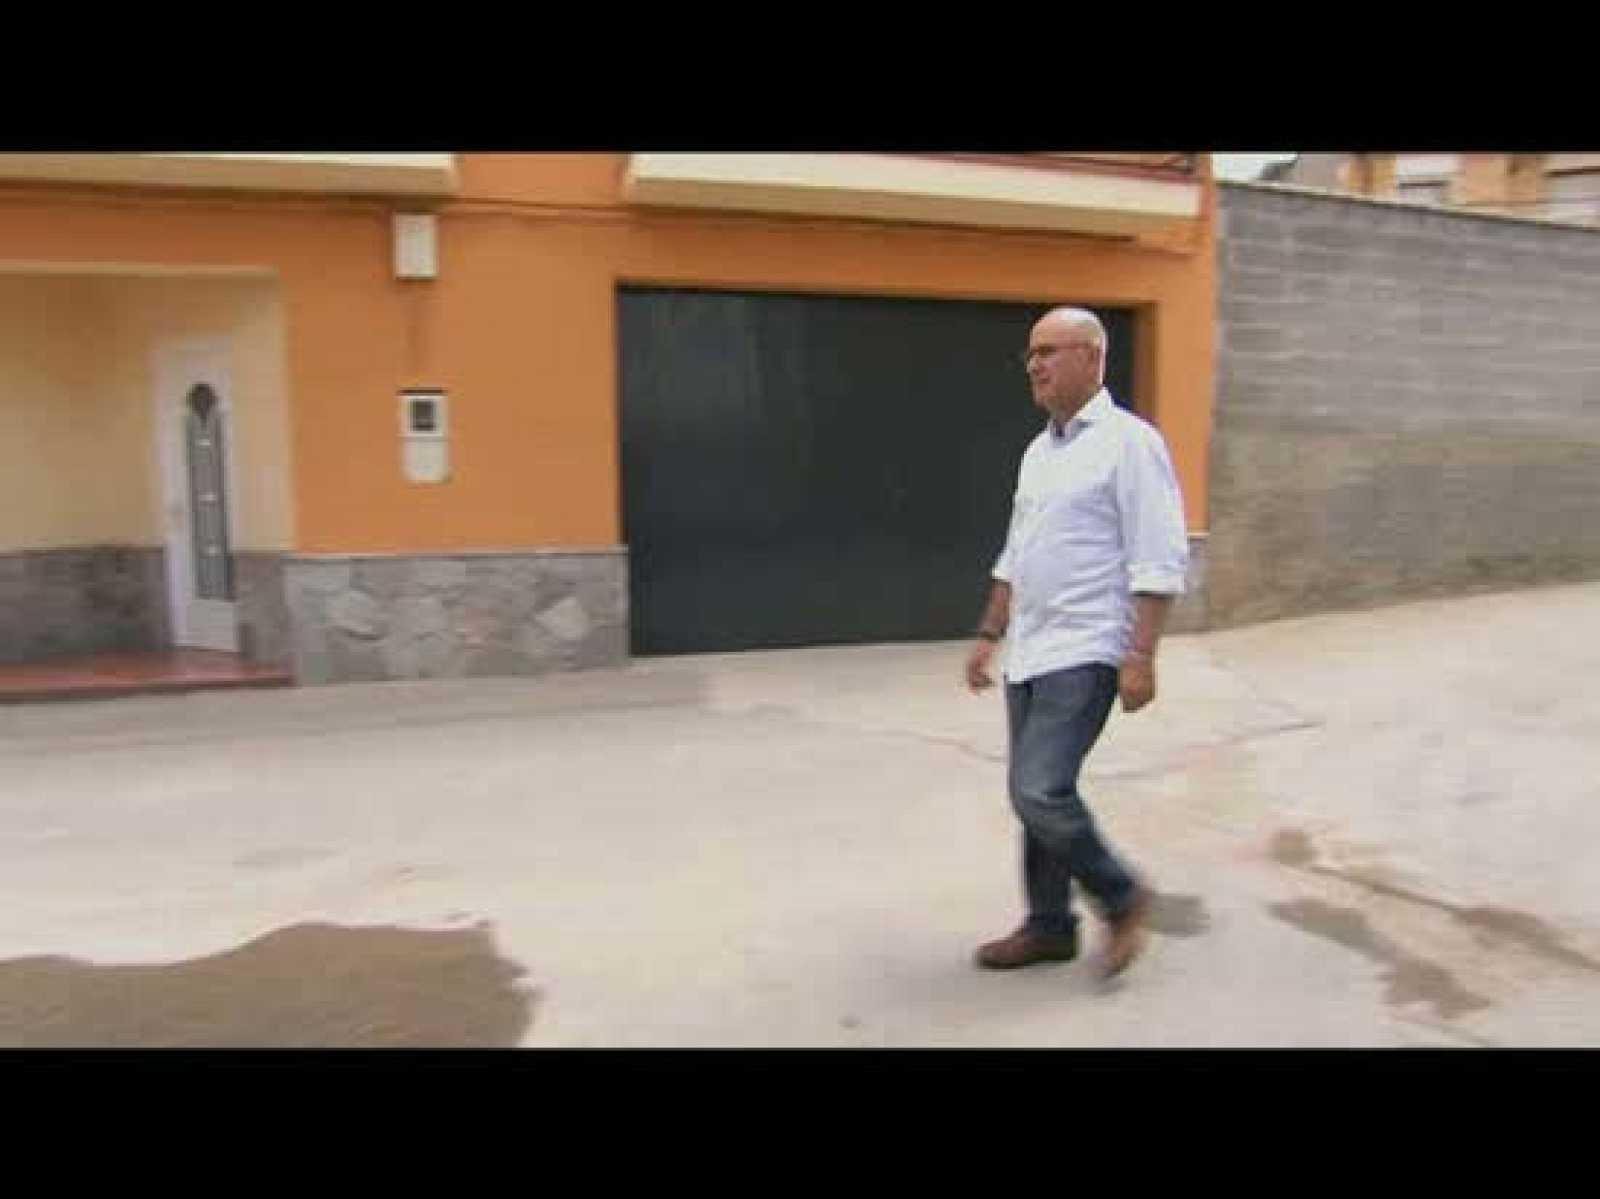 Duran I Lleida nos presenta a Ramón, su amigo desde la infancia y ahora, su chófer